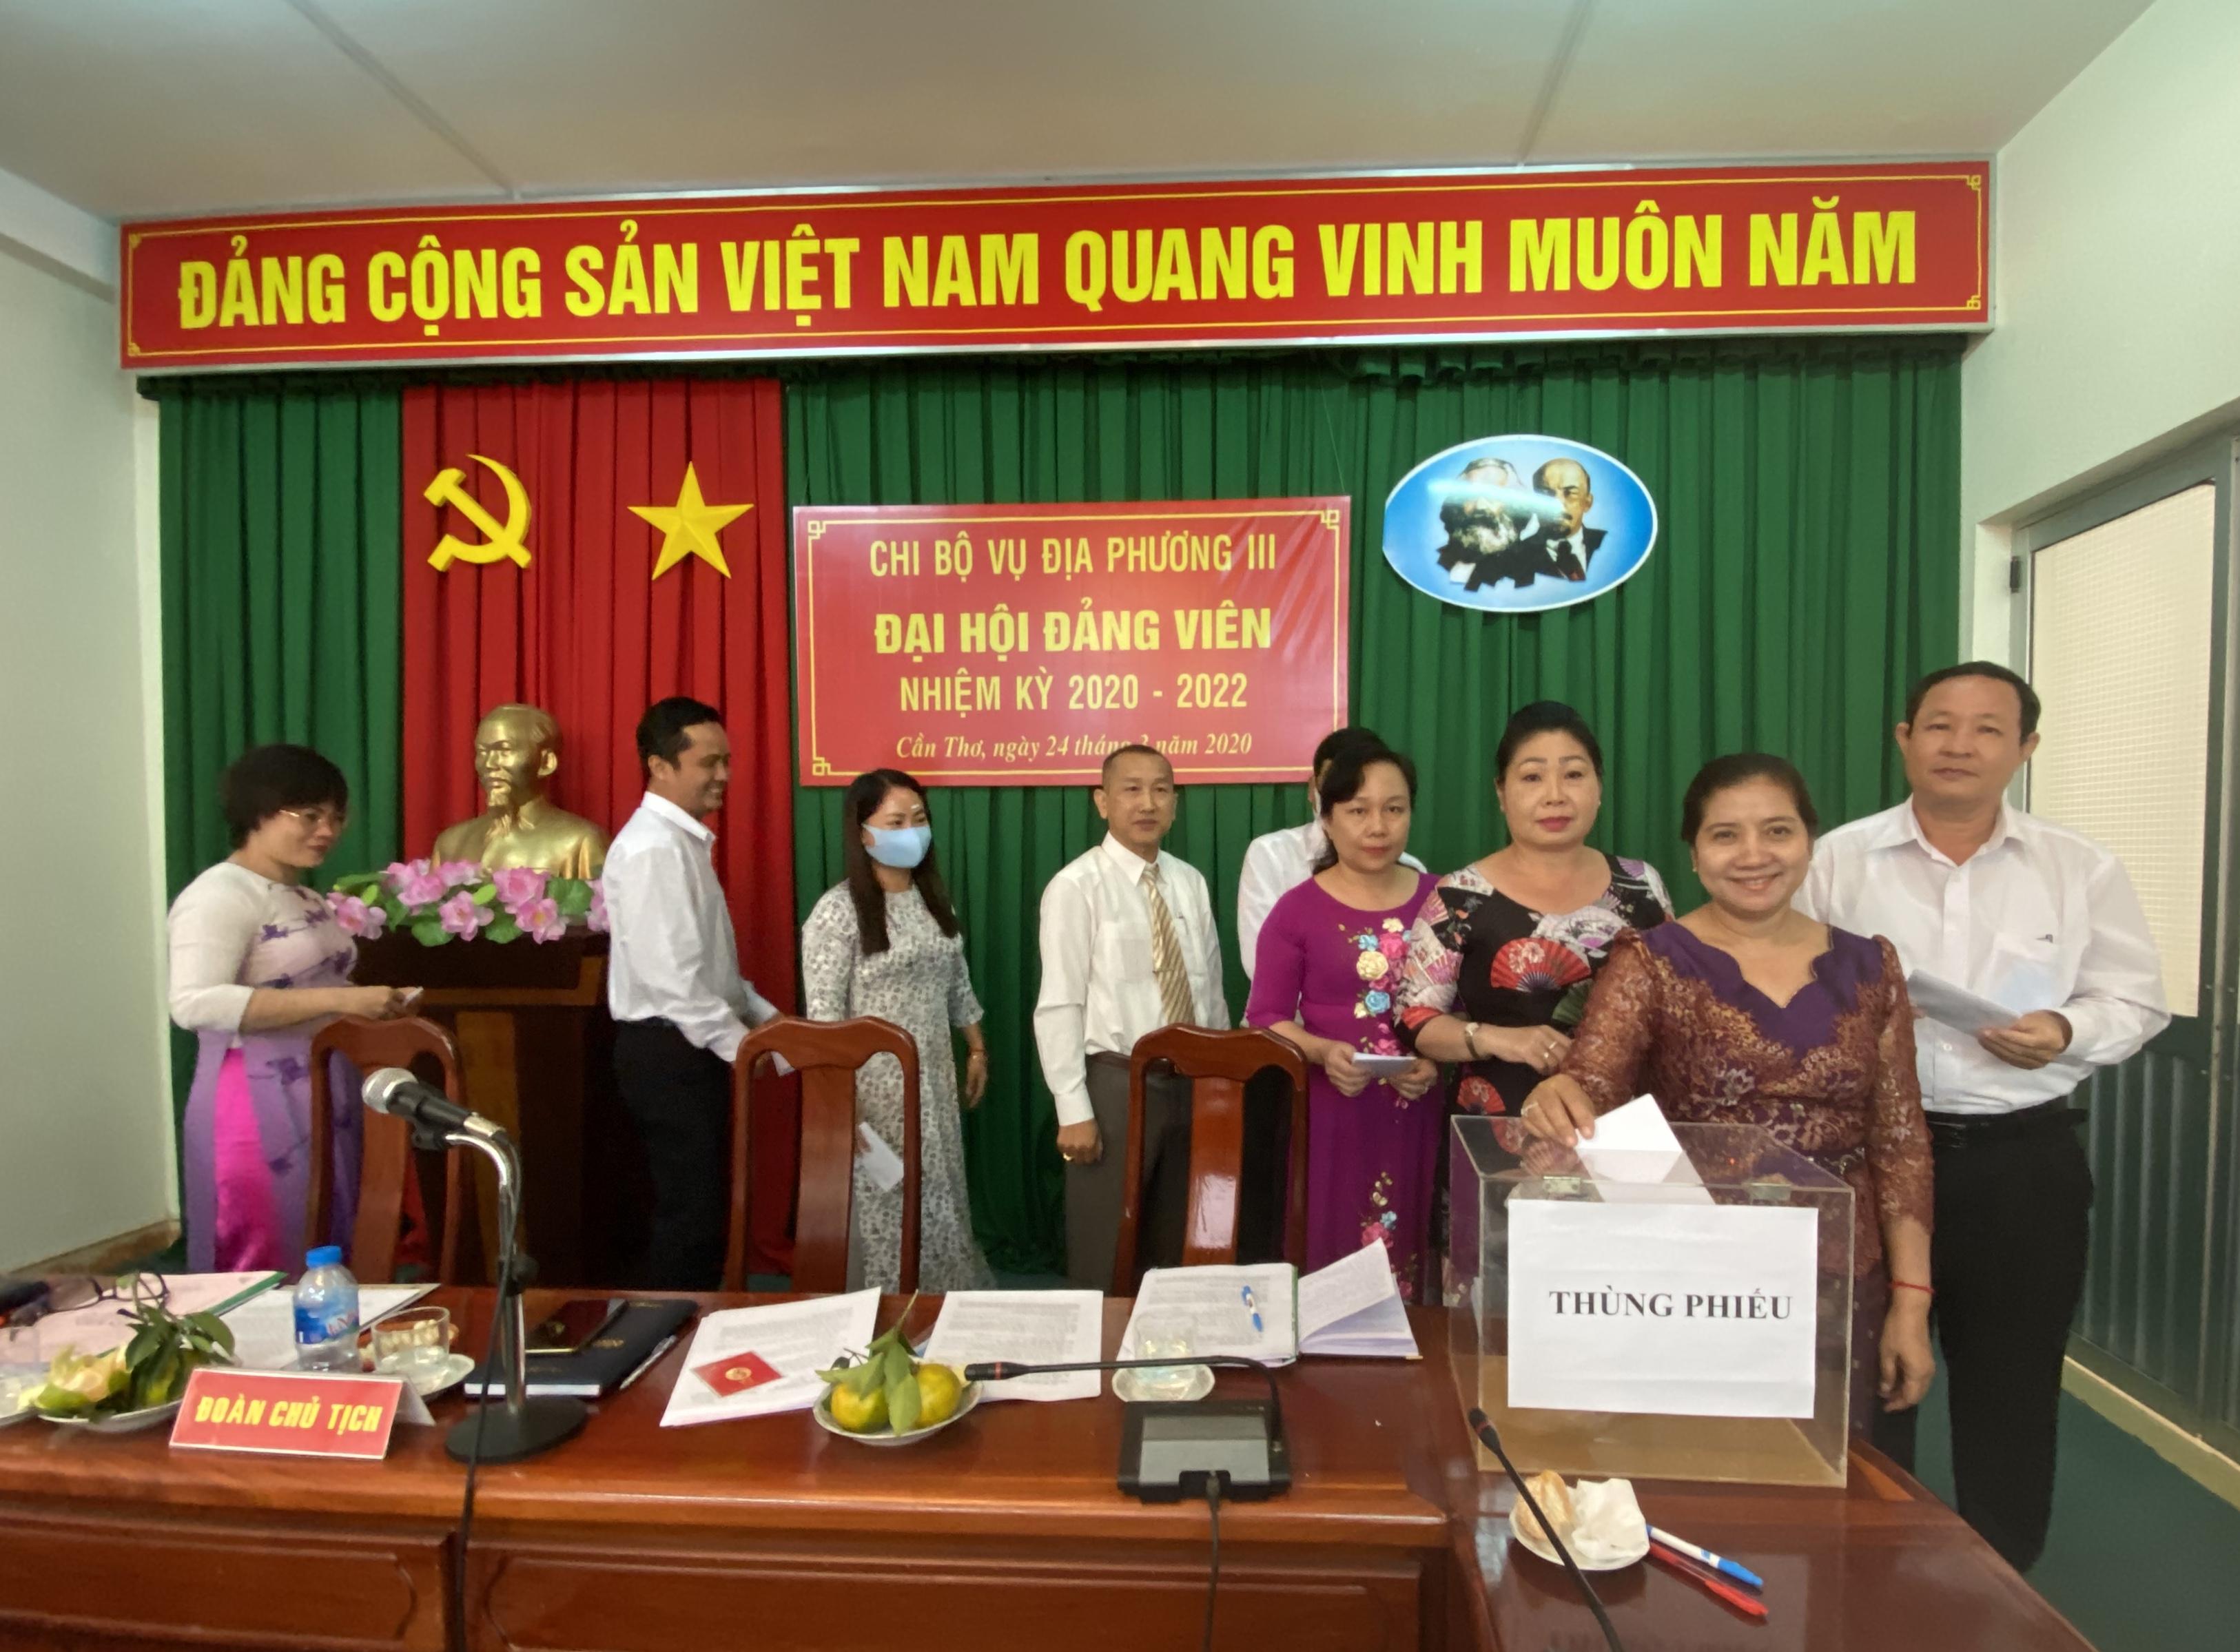 Tập thể Chi bộ Vụ Địa phương III tiến hành bỏ phiếu bầu Chi ủy khóa mới